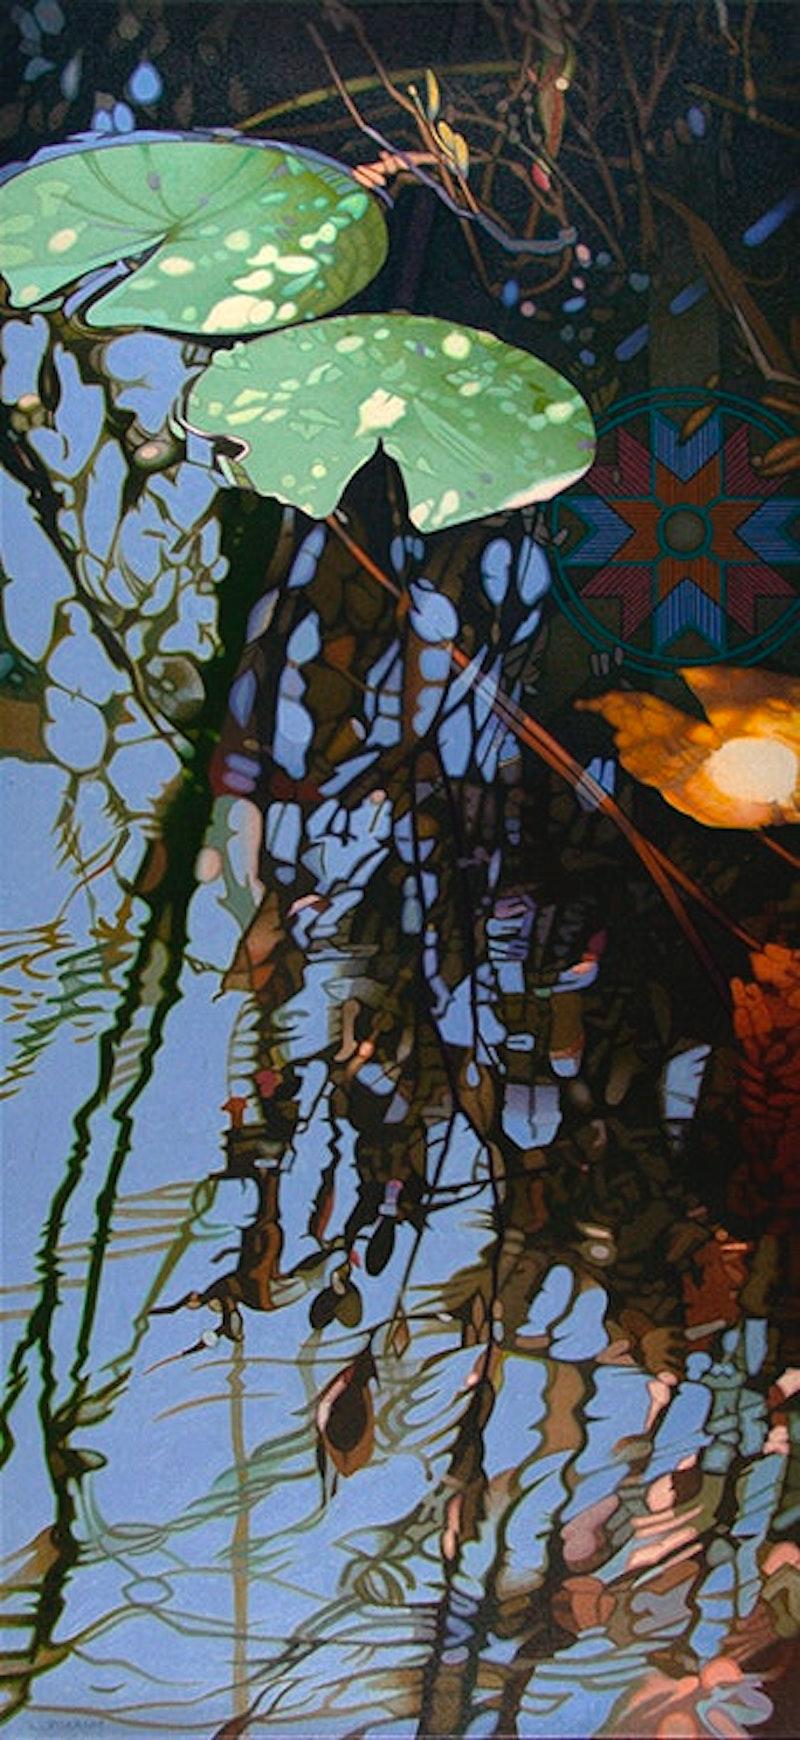 Star Lake Blues 6 Image 2